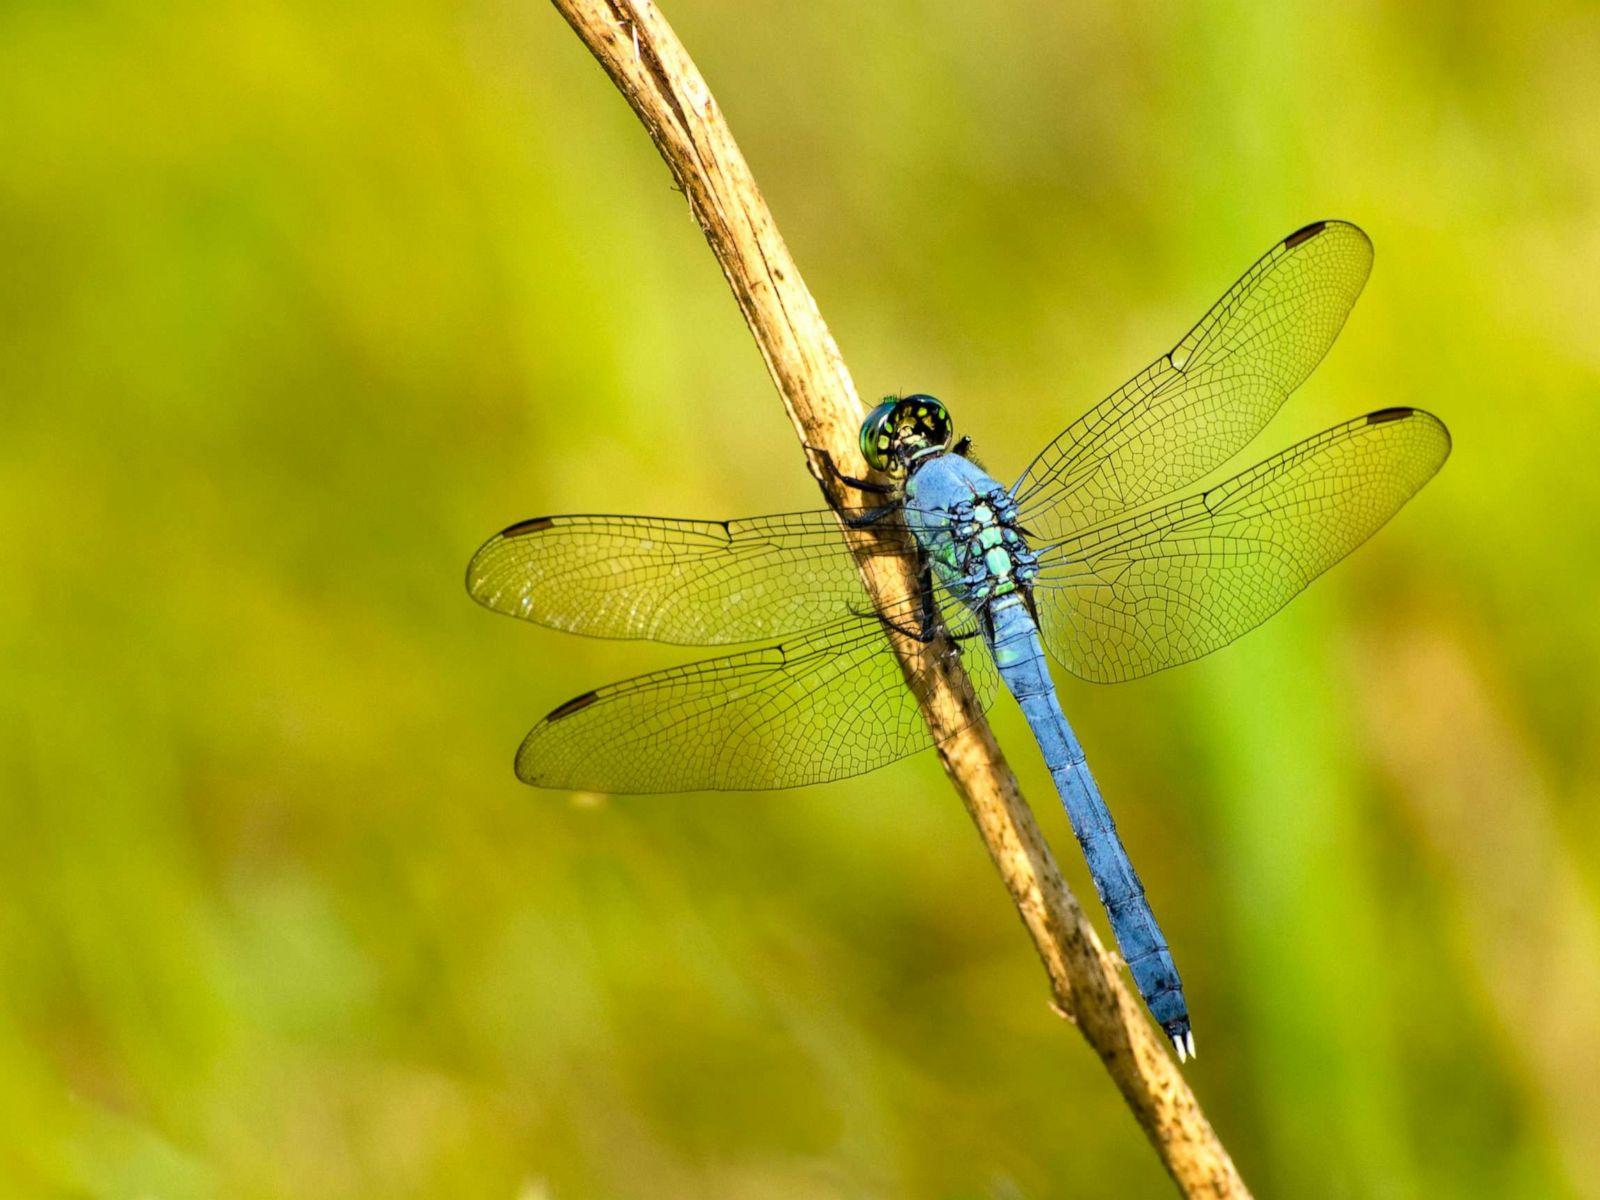 Chuồn chuồn đuôi xanh da trời